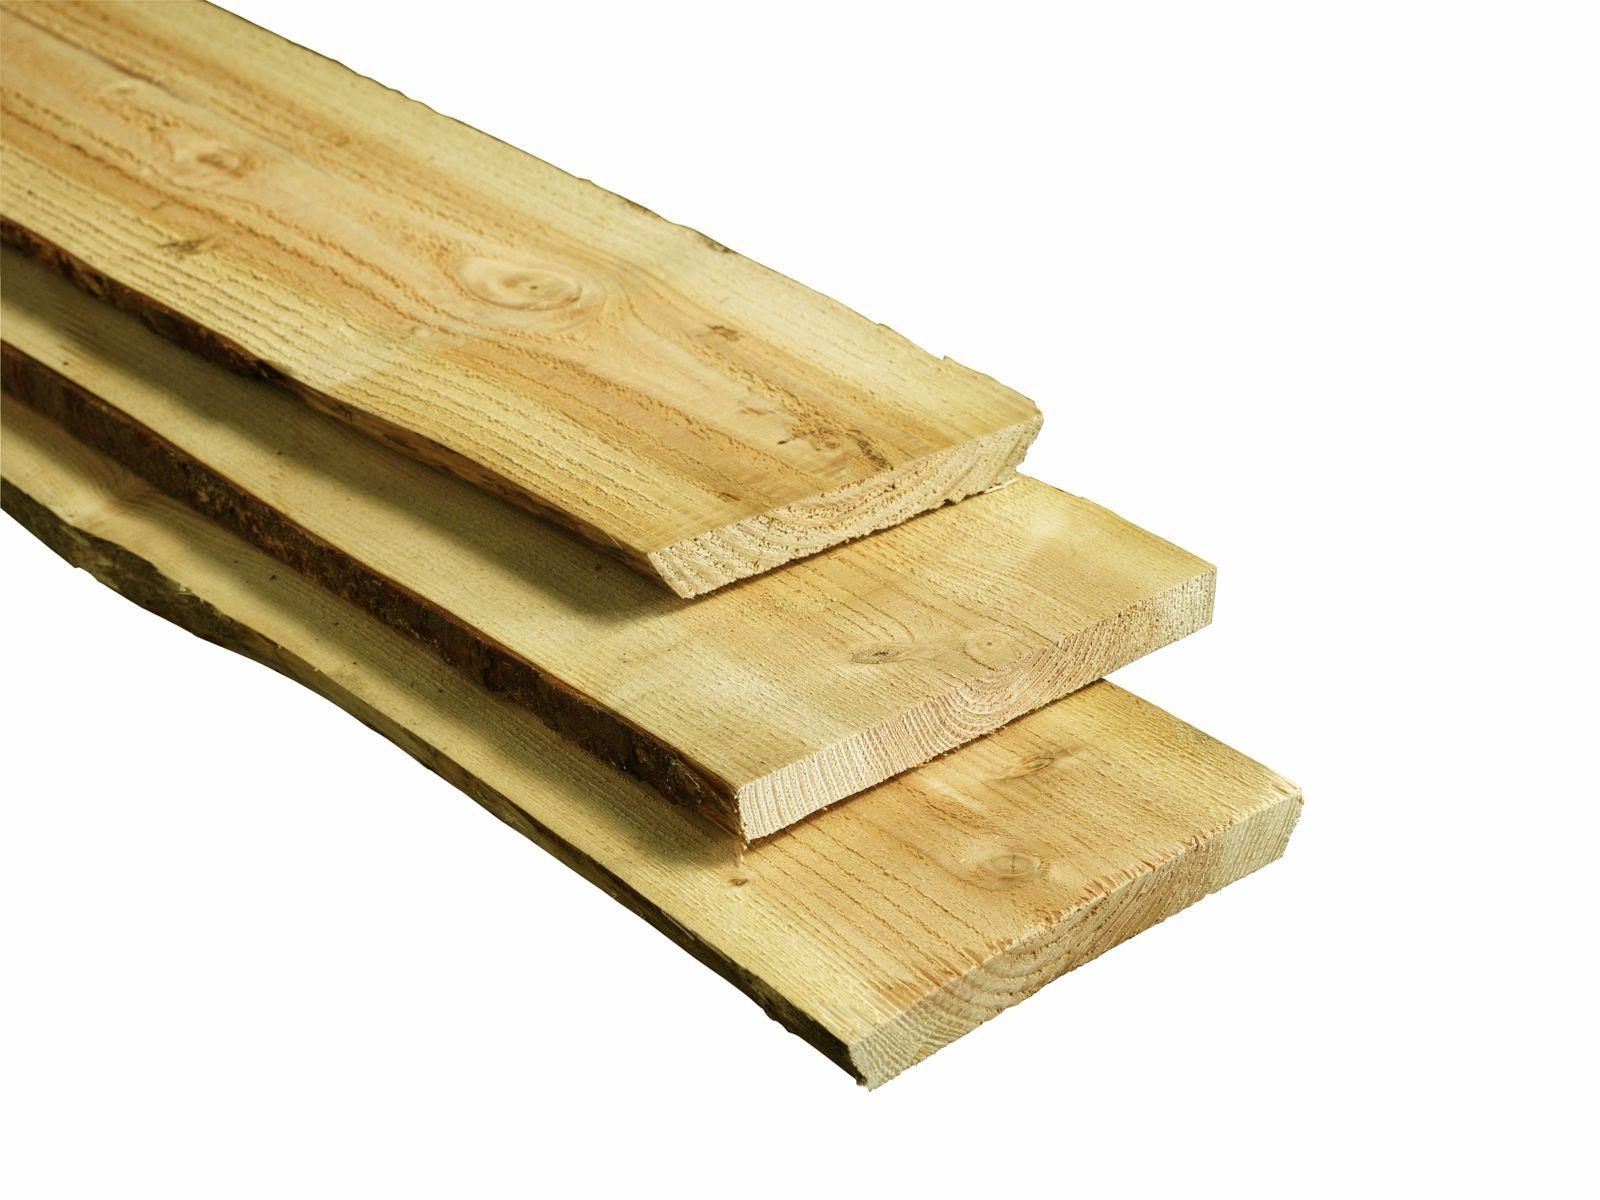 ... Schaaldeel Plank Lariks Douglas geimpregneerd 2.0 x 15/25 x 250 cm